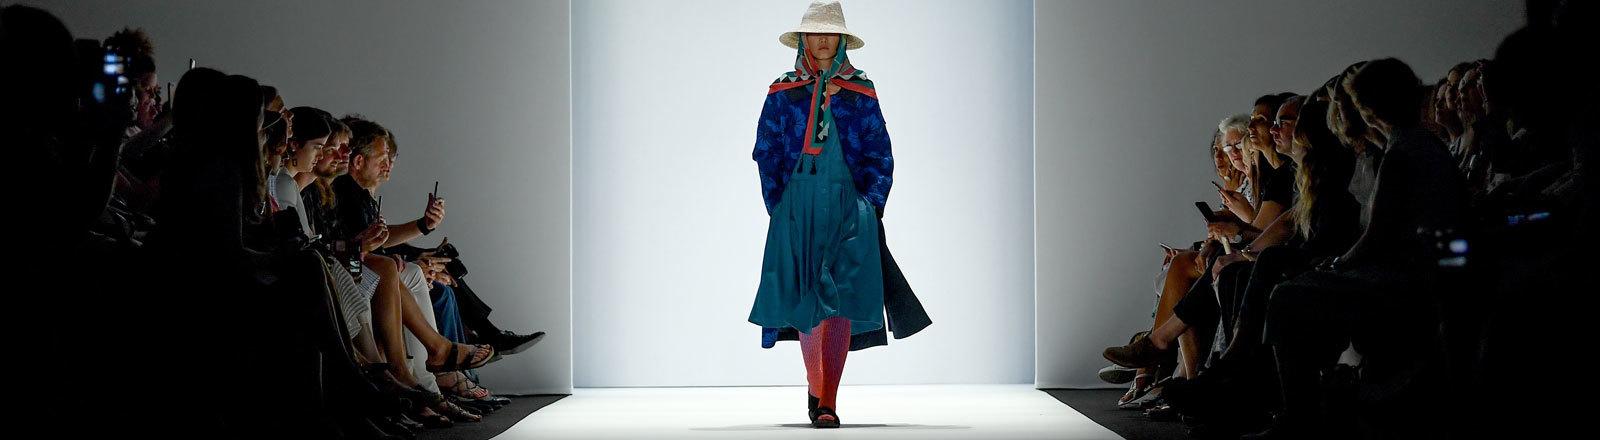 Ein Model präsentiert nachhaltige Mode bei der Greenshowroom Modeschau auf der Berlin Fashion Week.